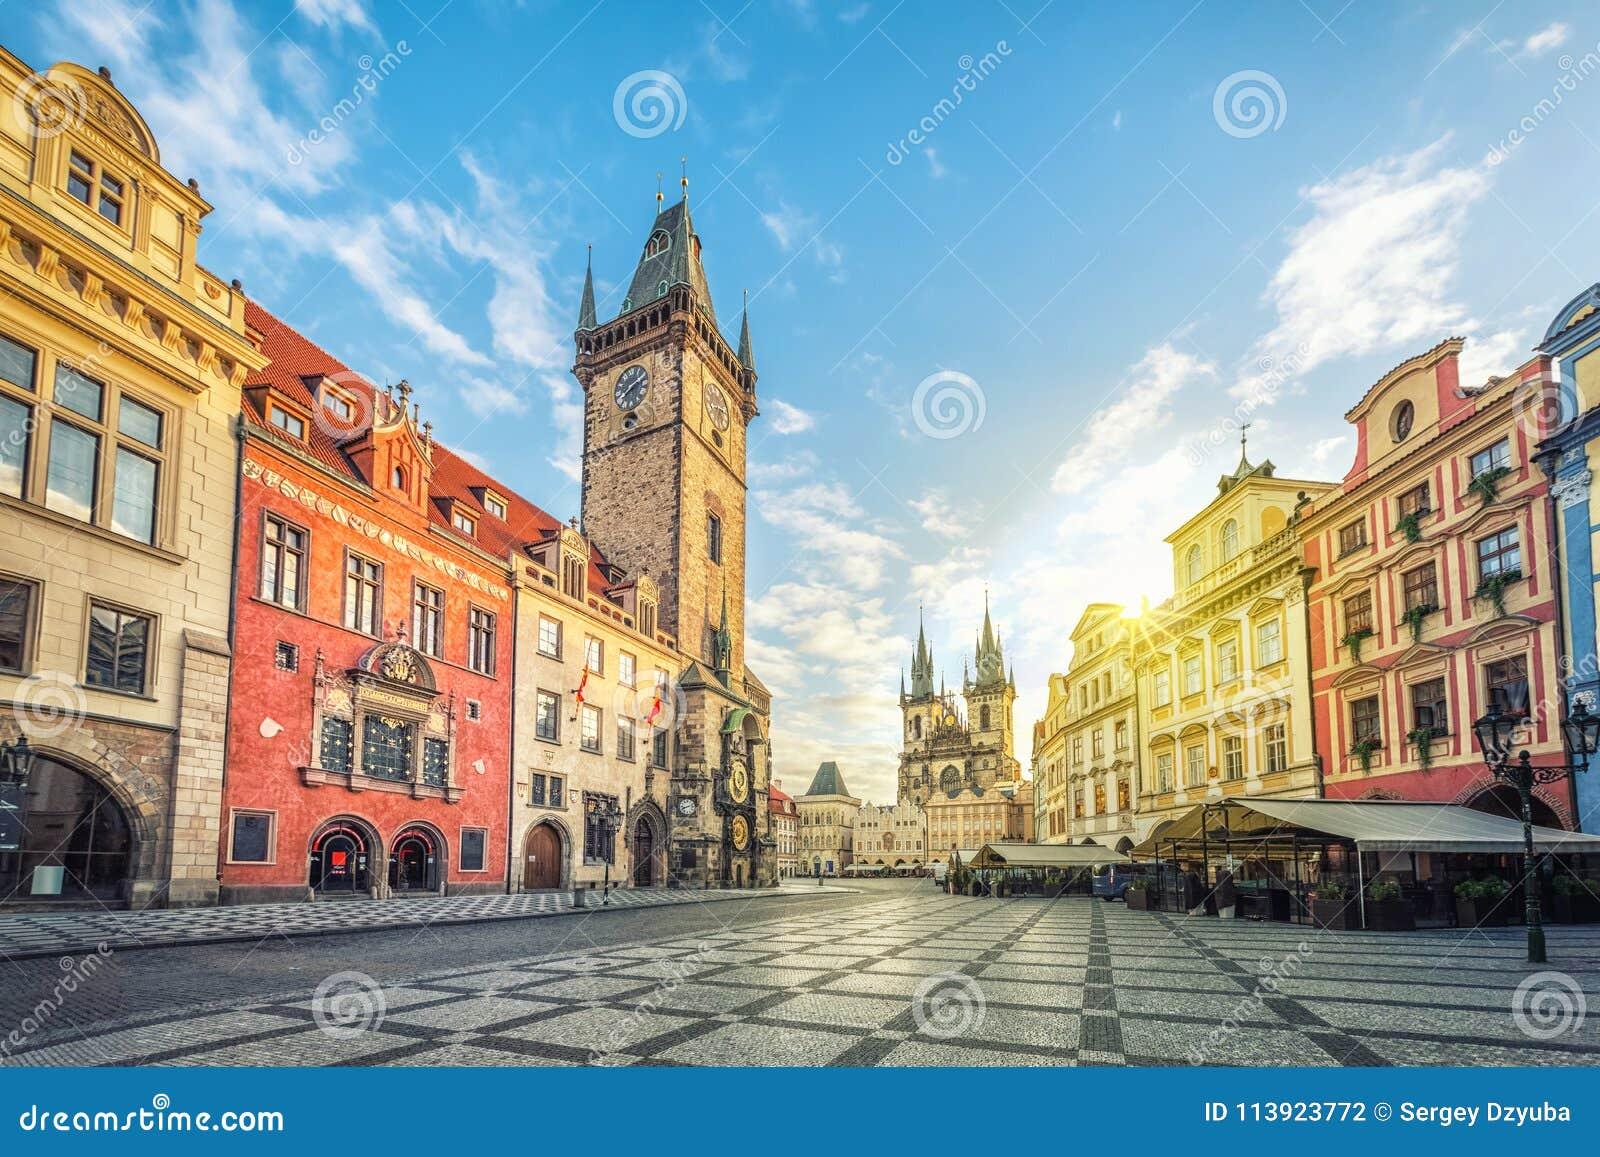 Edificio viejo de ayuntamiento con la torre de reloj en Praga